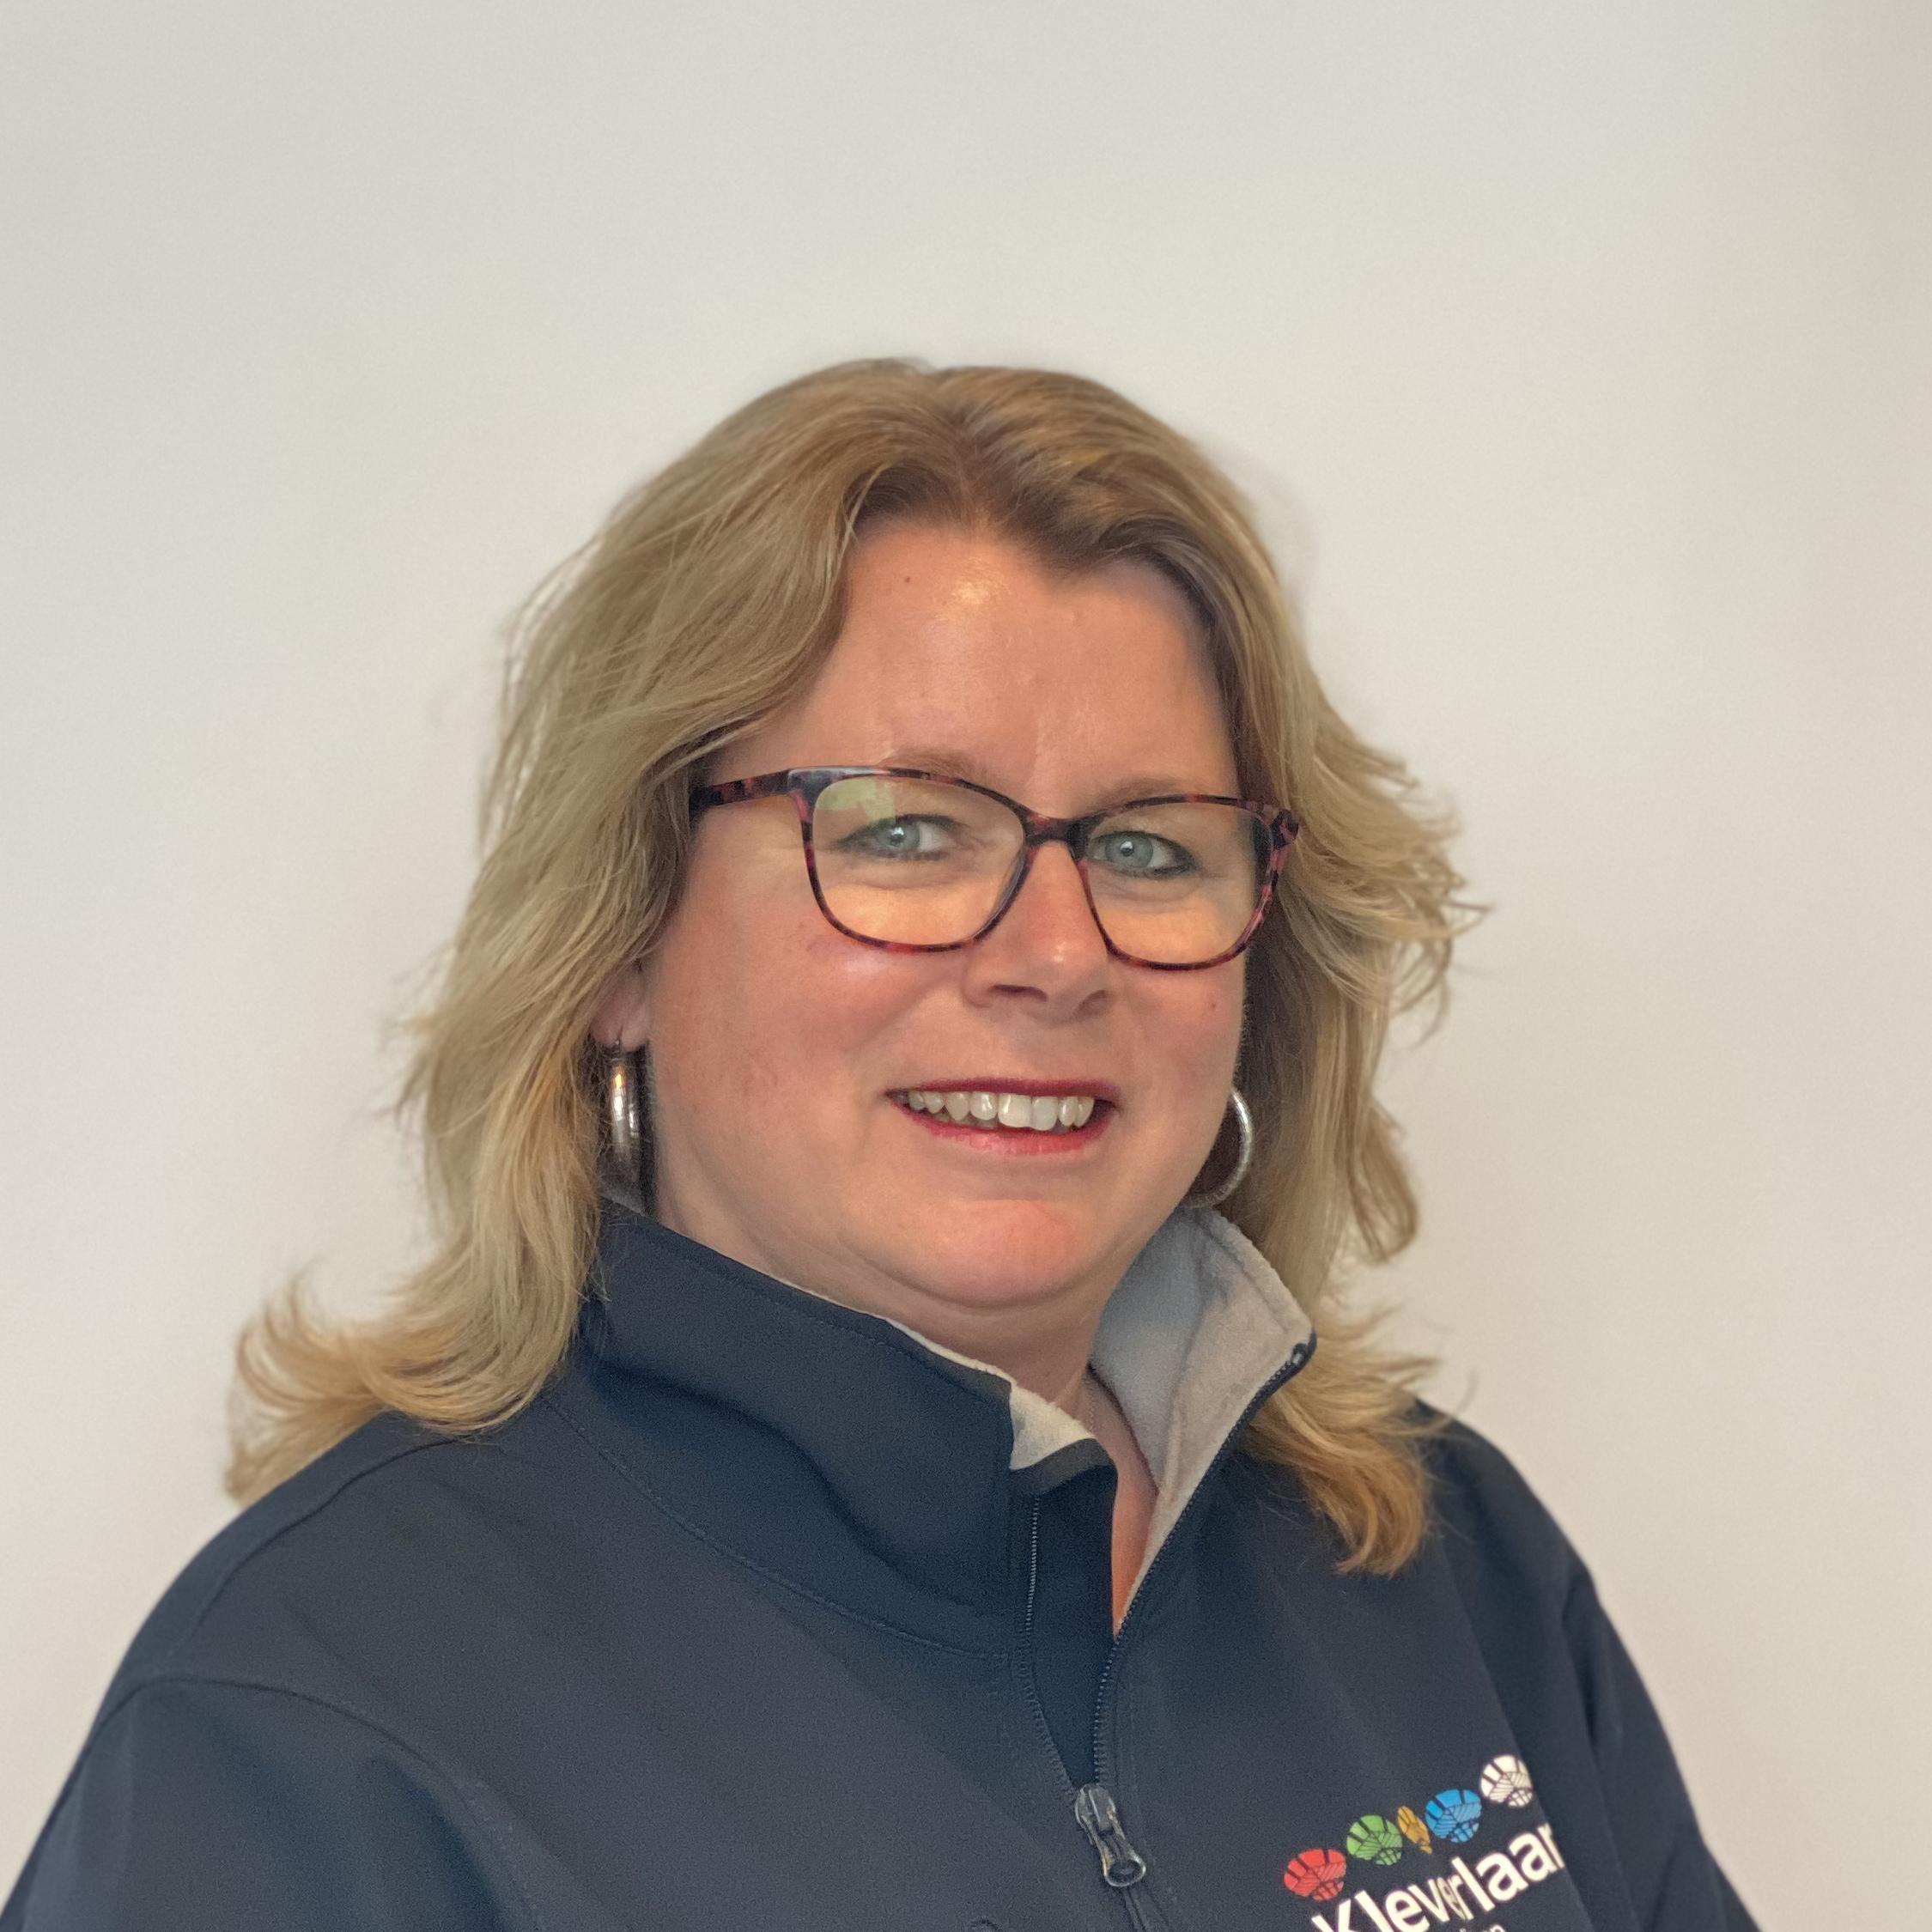 Claudia van den Brink